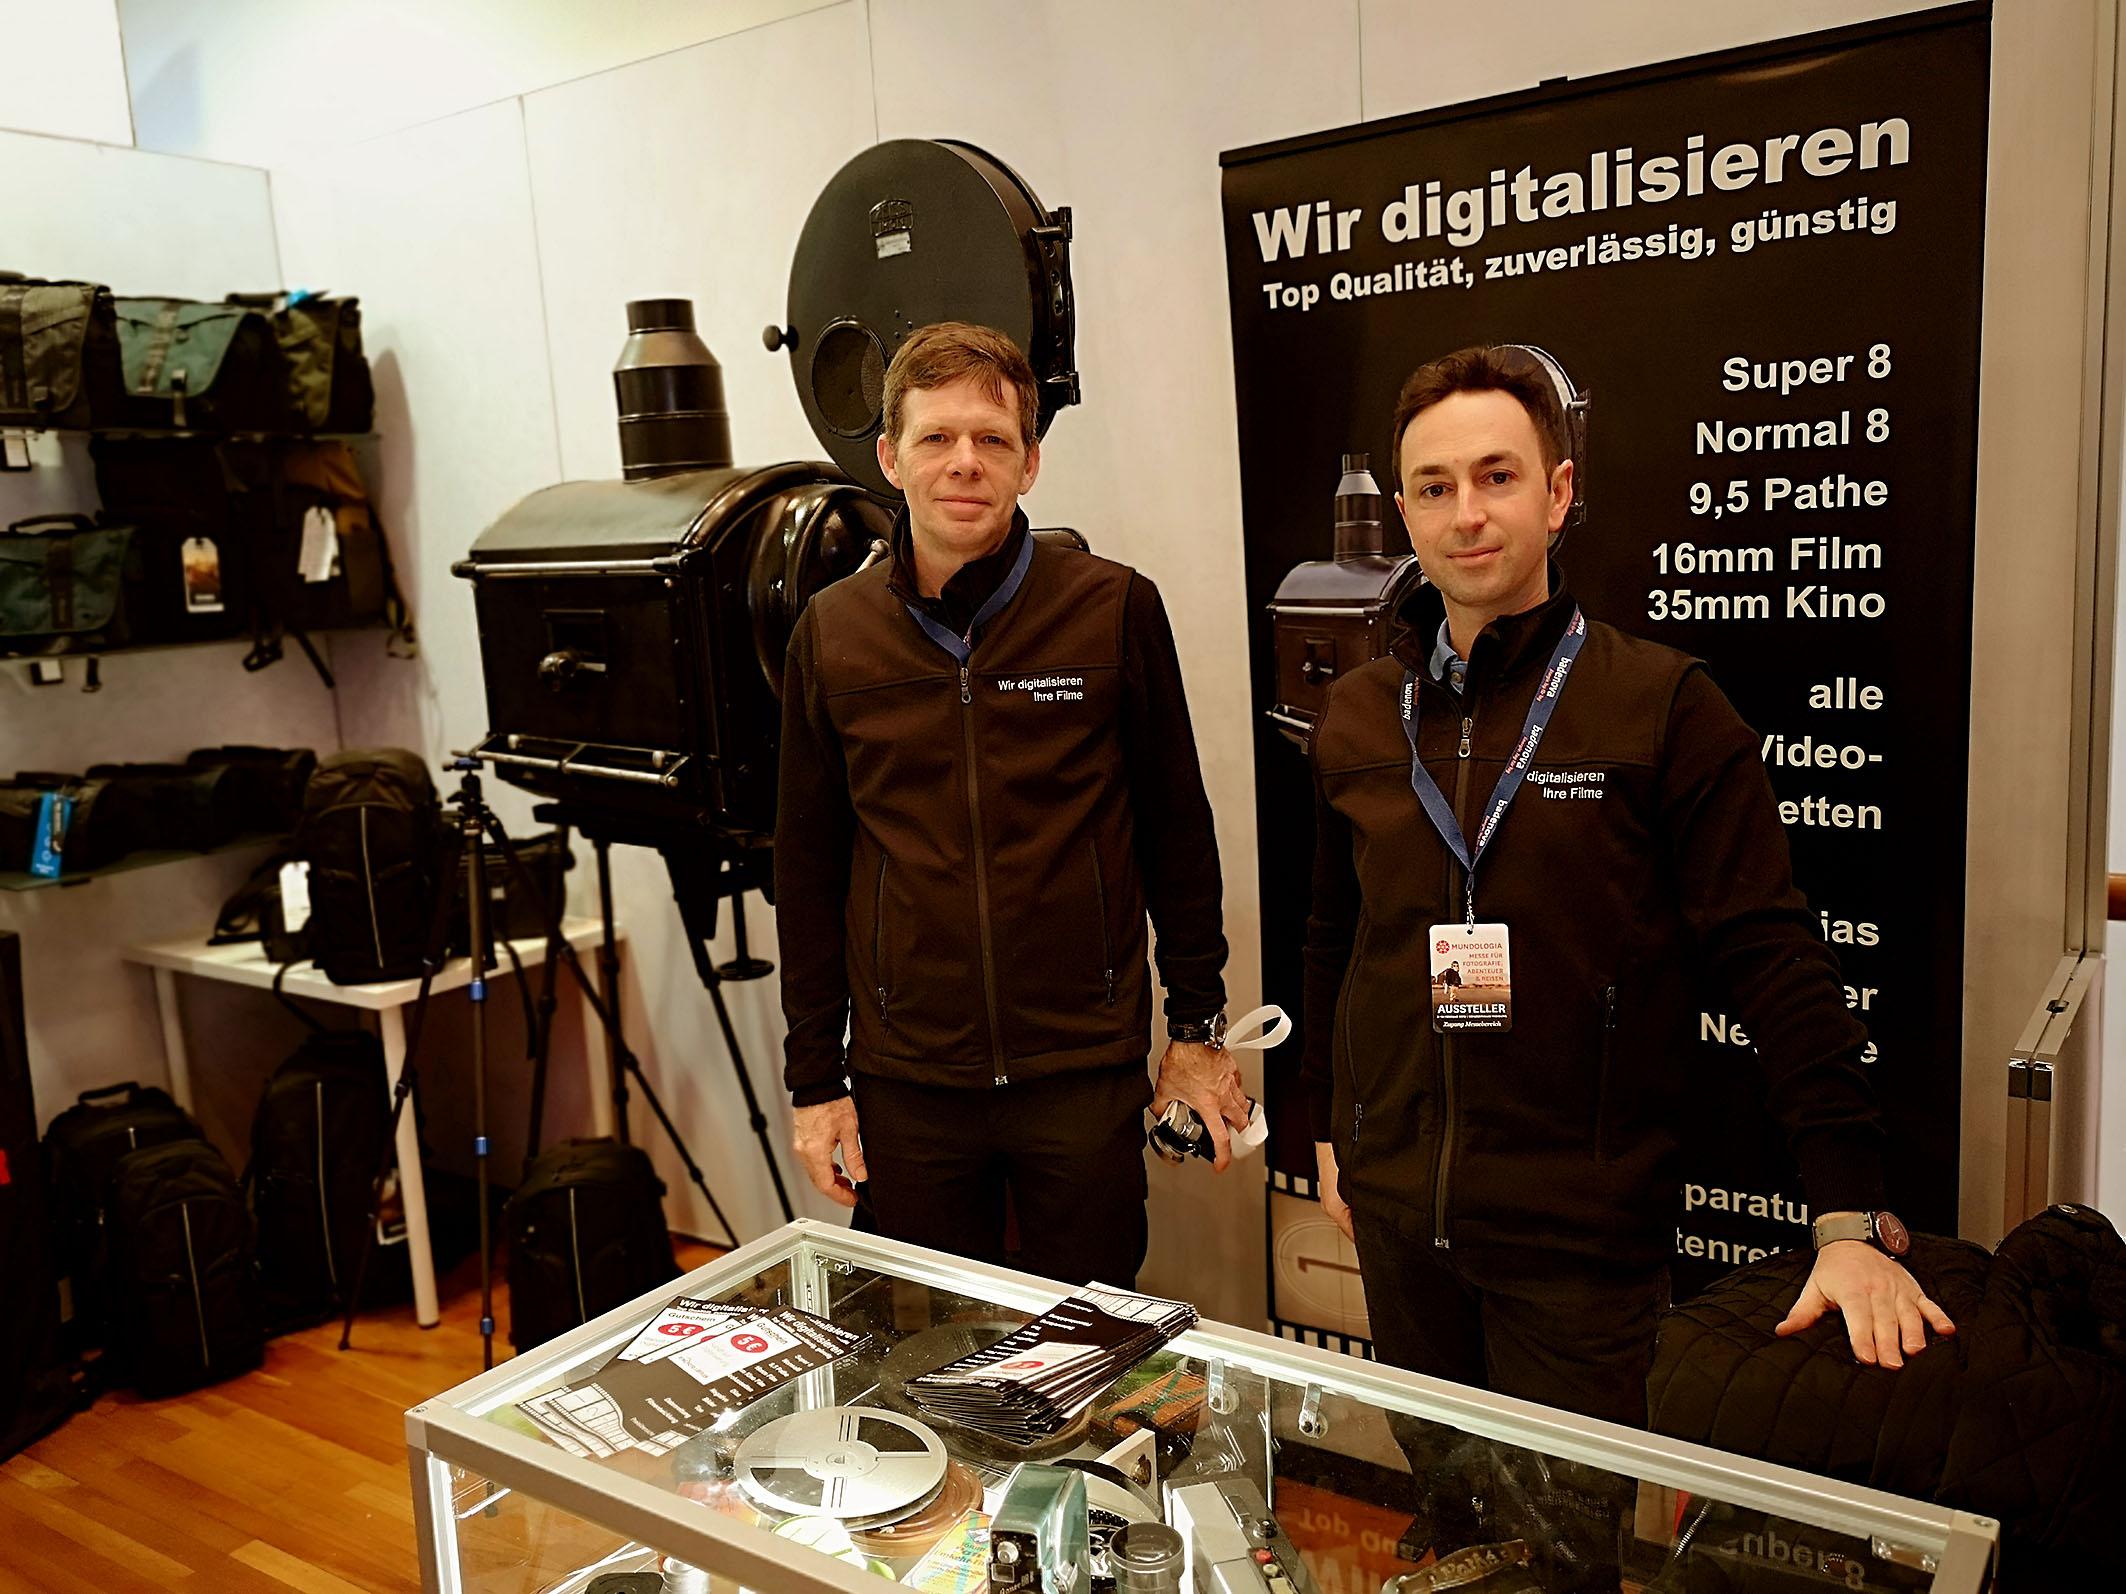 Foto: Michael B. Rehders - Wer noch Super-8-Filme oder gar 35mm-Filme besitzt. Dieses Unternehmen digitalisiert sie zu wirklich fairen Preisen.